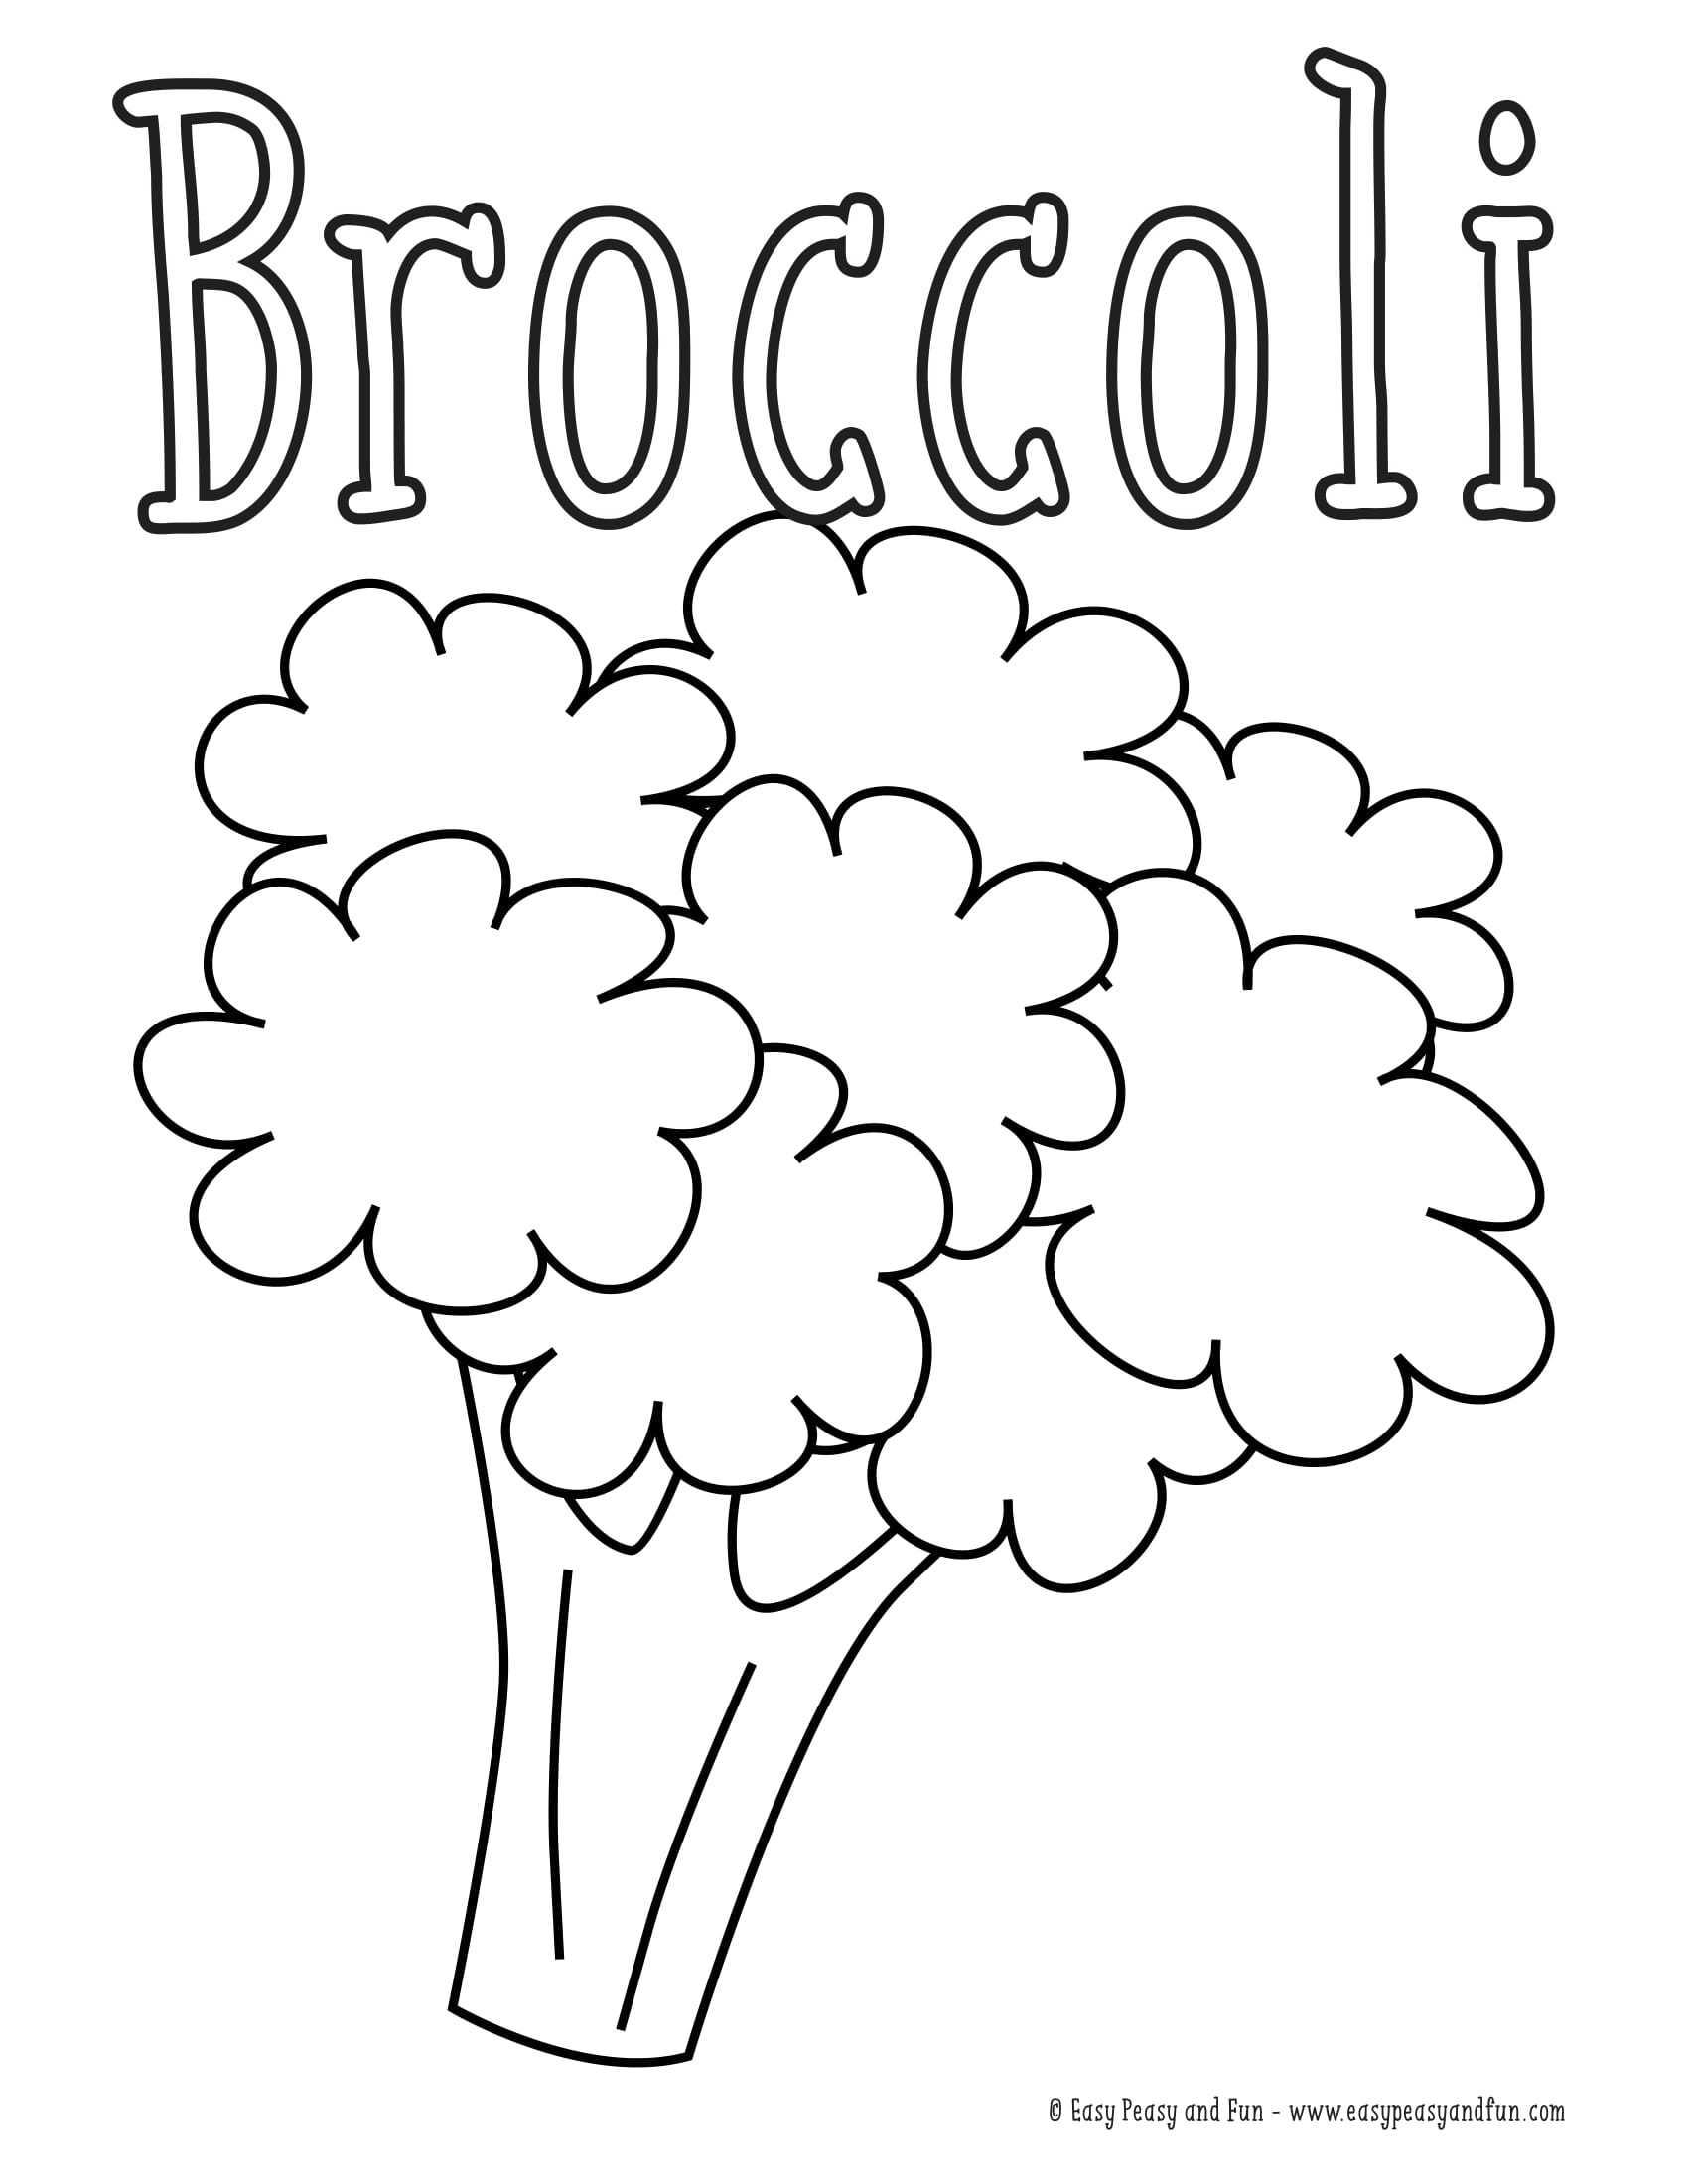 Okul Oncesi Brokoli Boyama Sayfasi Okul öncesi Etkinlik